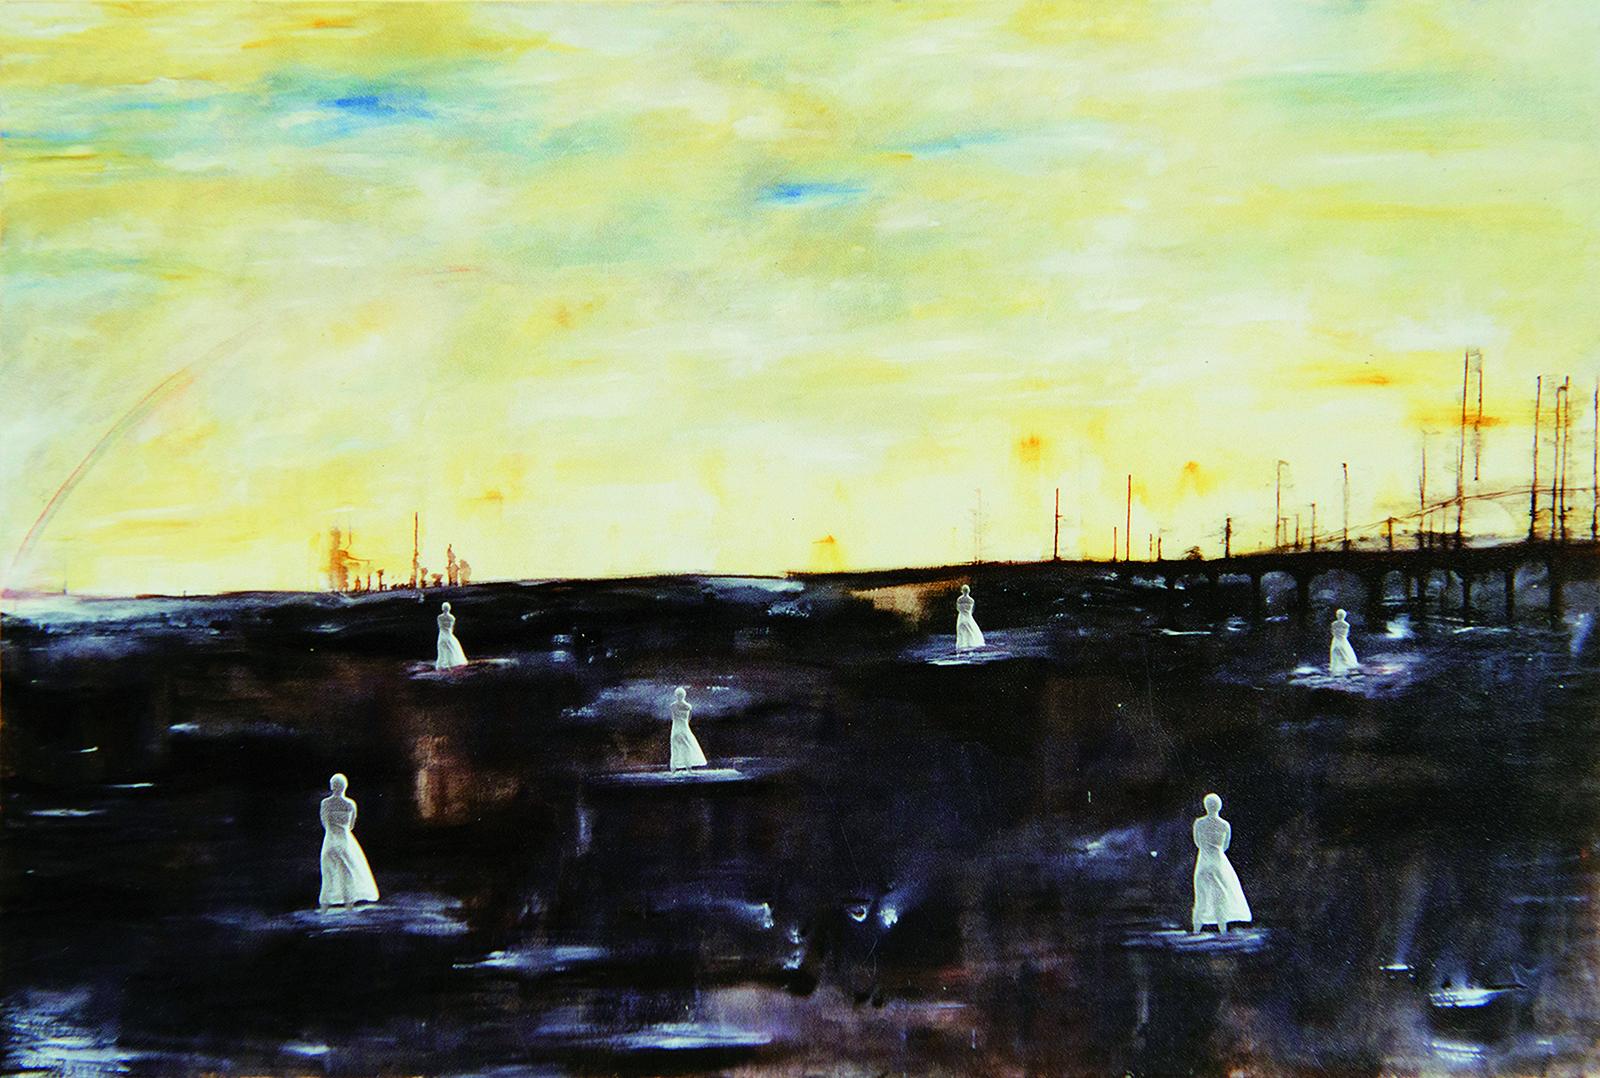 schilderij: © Tina van Turnhout - The new century 1999-2000